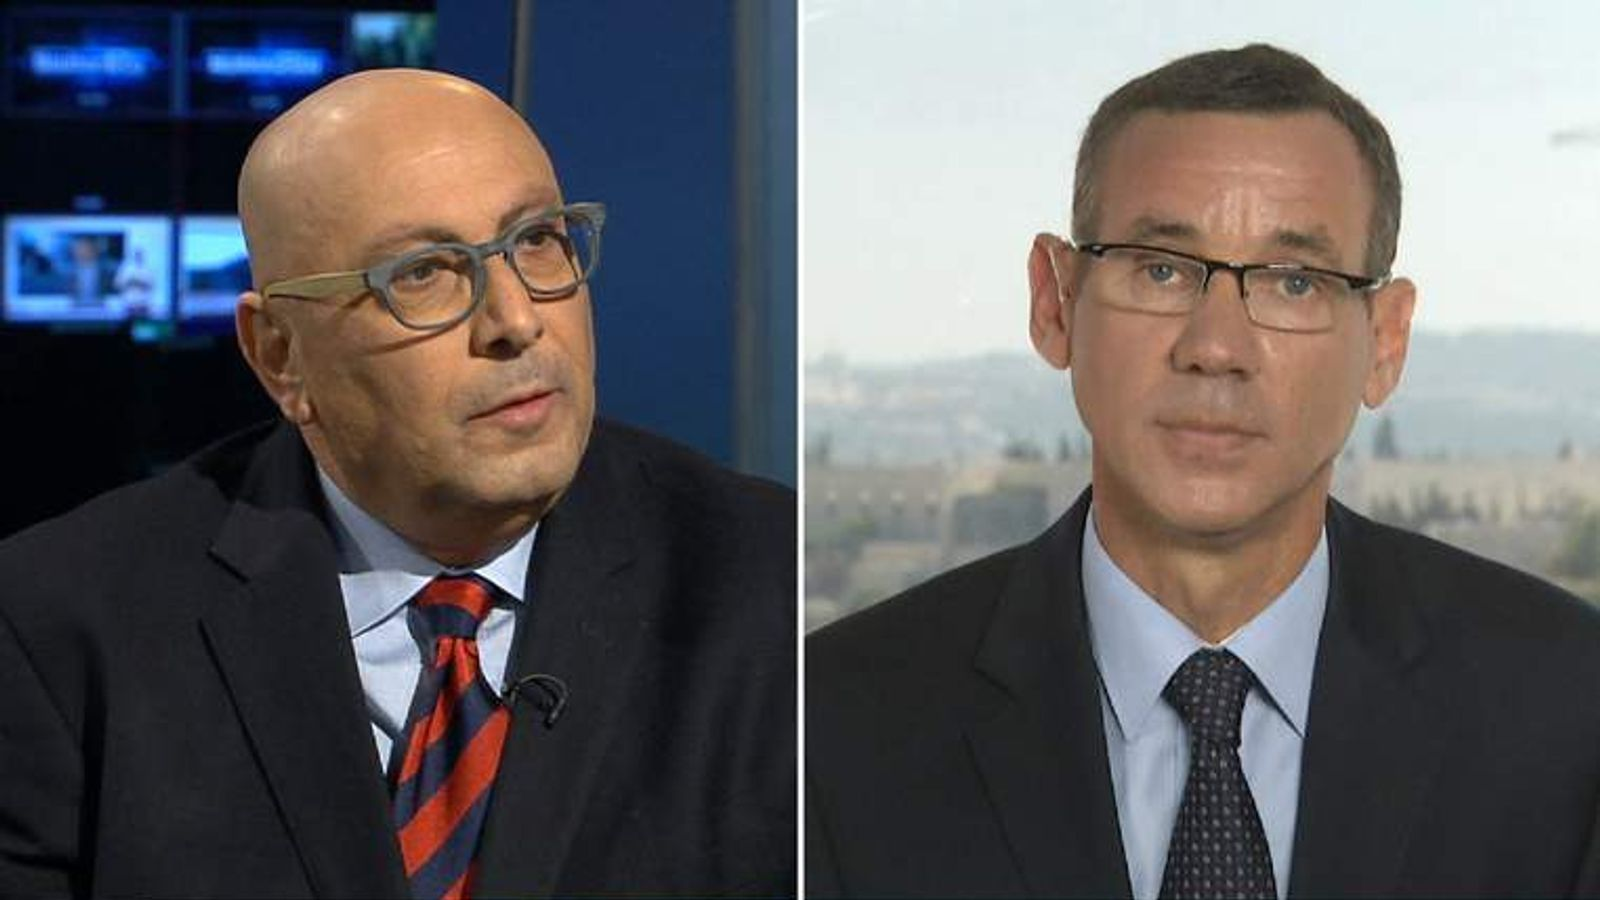 Professor Manuel Hassassian (L) and Mark Regev